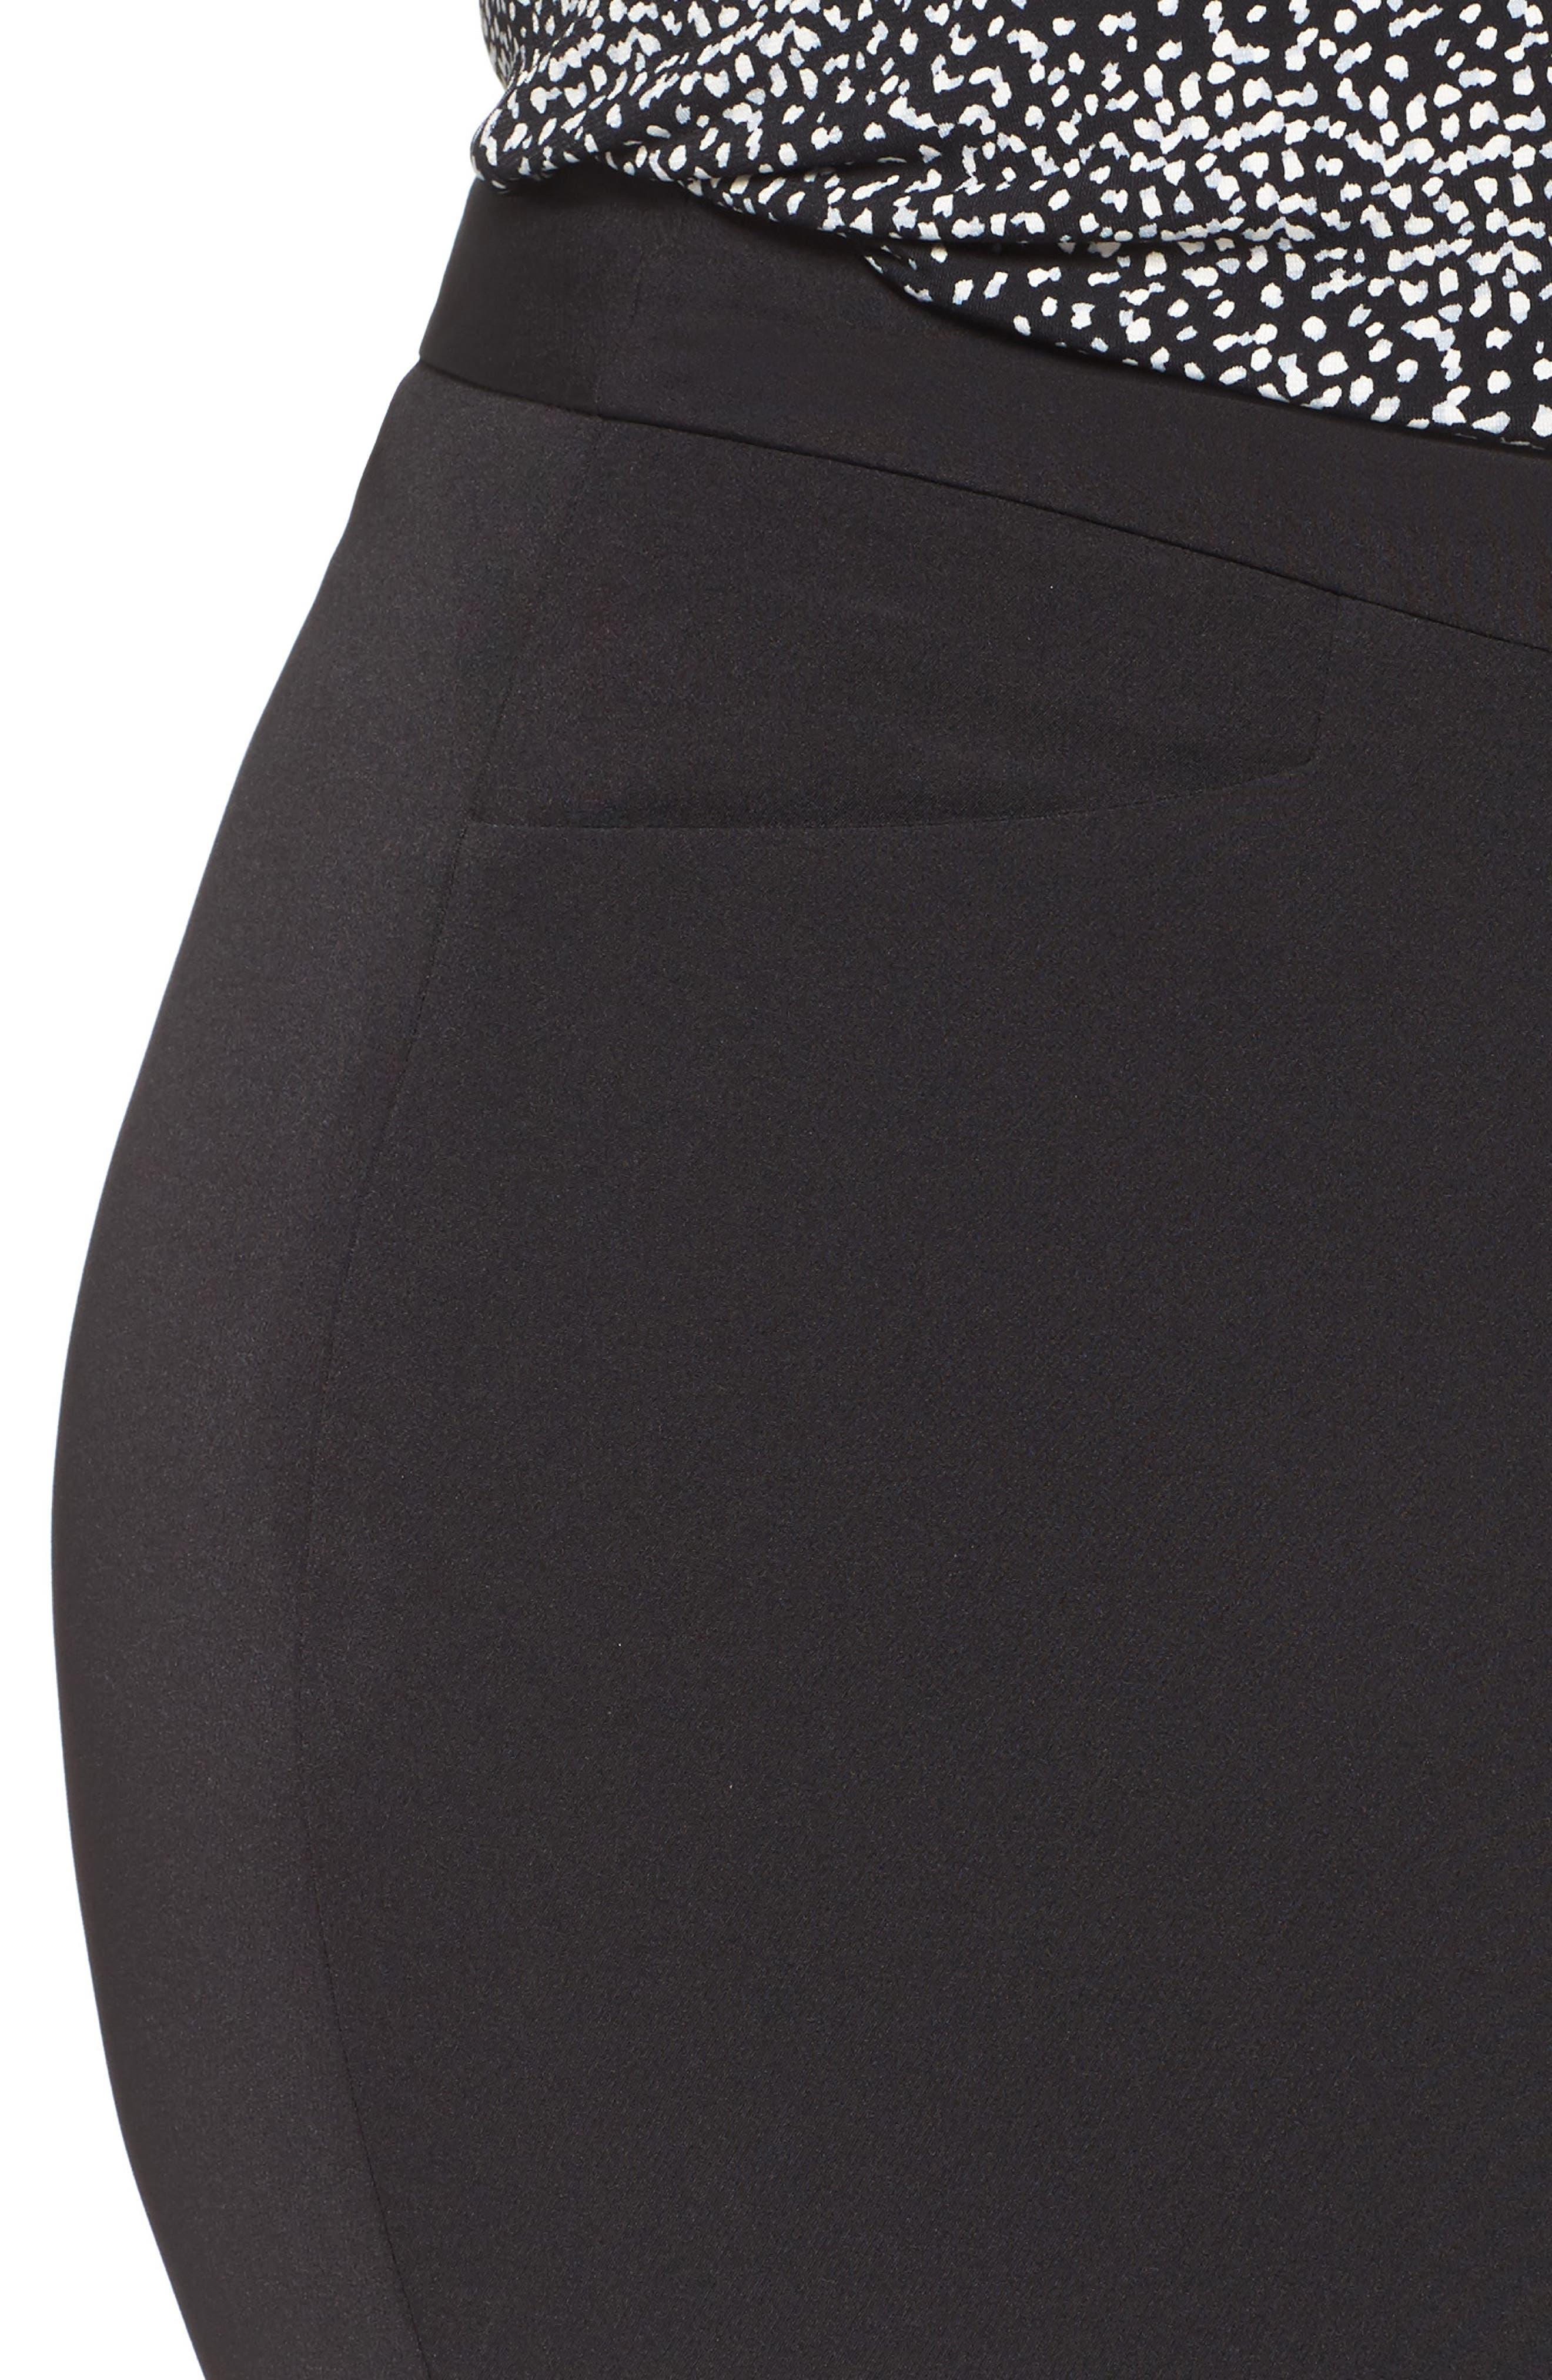 VINCE CAMUTO, Ankle Pants, Alternate thumbnail 5, color, RICH BLACK